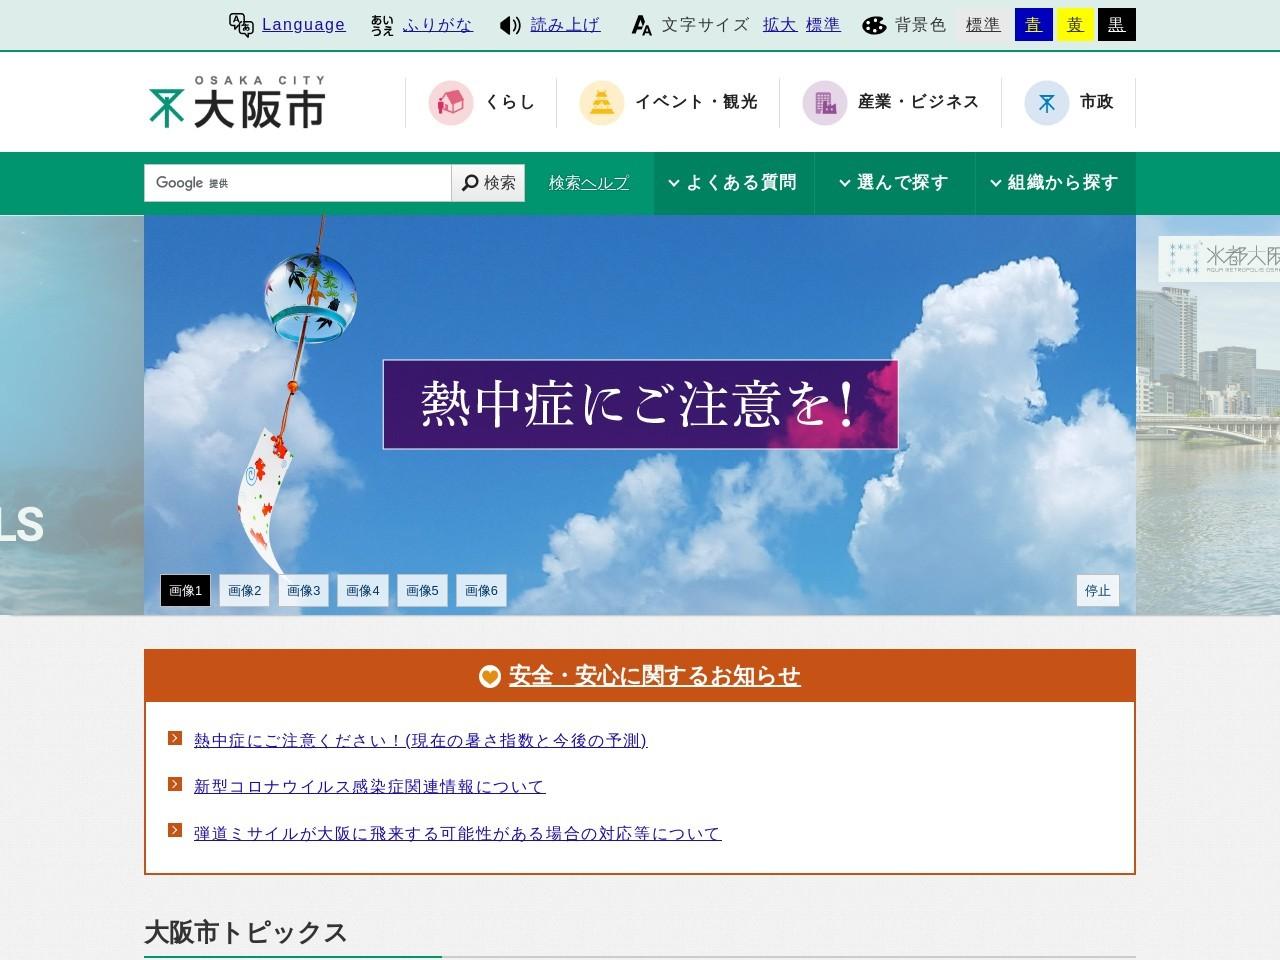 http://www.city.osaka.lg.jp/keizaisenryaku/page/0000277449.html